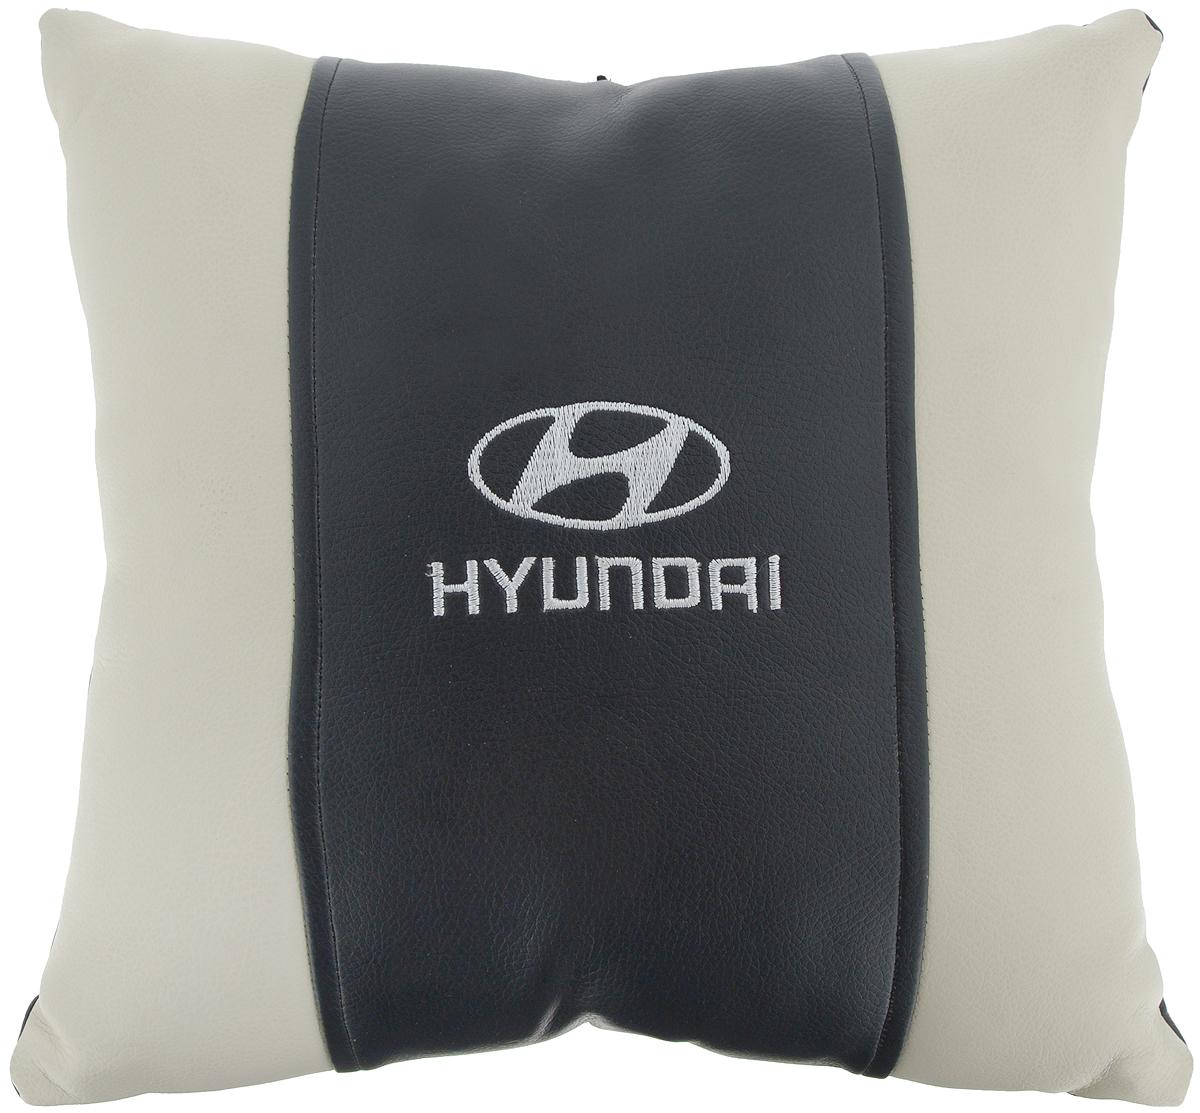 Подушка на сиденье Autoparts Hyundai, 30 х 30 смSC-FD421005Подушка на сиденье Autoparts Hyundai создана для тех, кто весьсвой день вынужден проводить за рулем. Чехол выполнен из высококачественной дышащей экокожи. Наполнителем служит холлофайбер. На задней части подушки имеется змейка. Особенности подушки: - Хорошо проветривается. - Предупреждает потение. - Поддерживает комфортную температуру. - Обминается по форме тела. - Улучшает кровообращение. - Исключает затечные явления. - Предупреждает развитие заболеваний, связанных с сидячим образом жизни. Подушка также будет полезна и дома - при работе за компьютером, школьникам - при выполнении домашних работ, да и в любимом кресле перед телевизором.